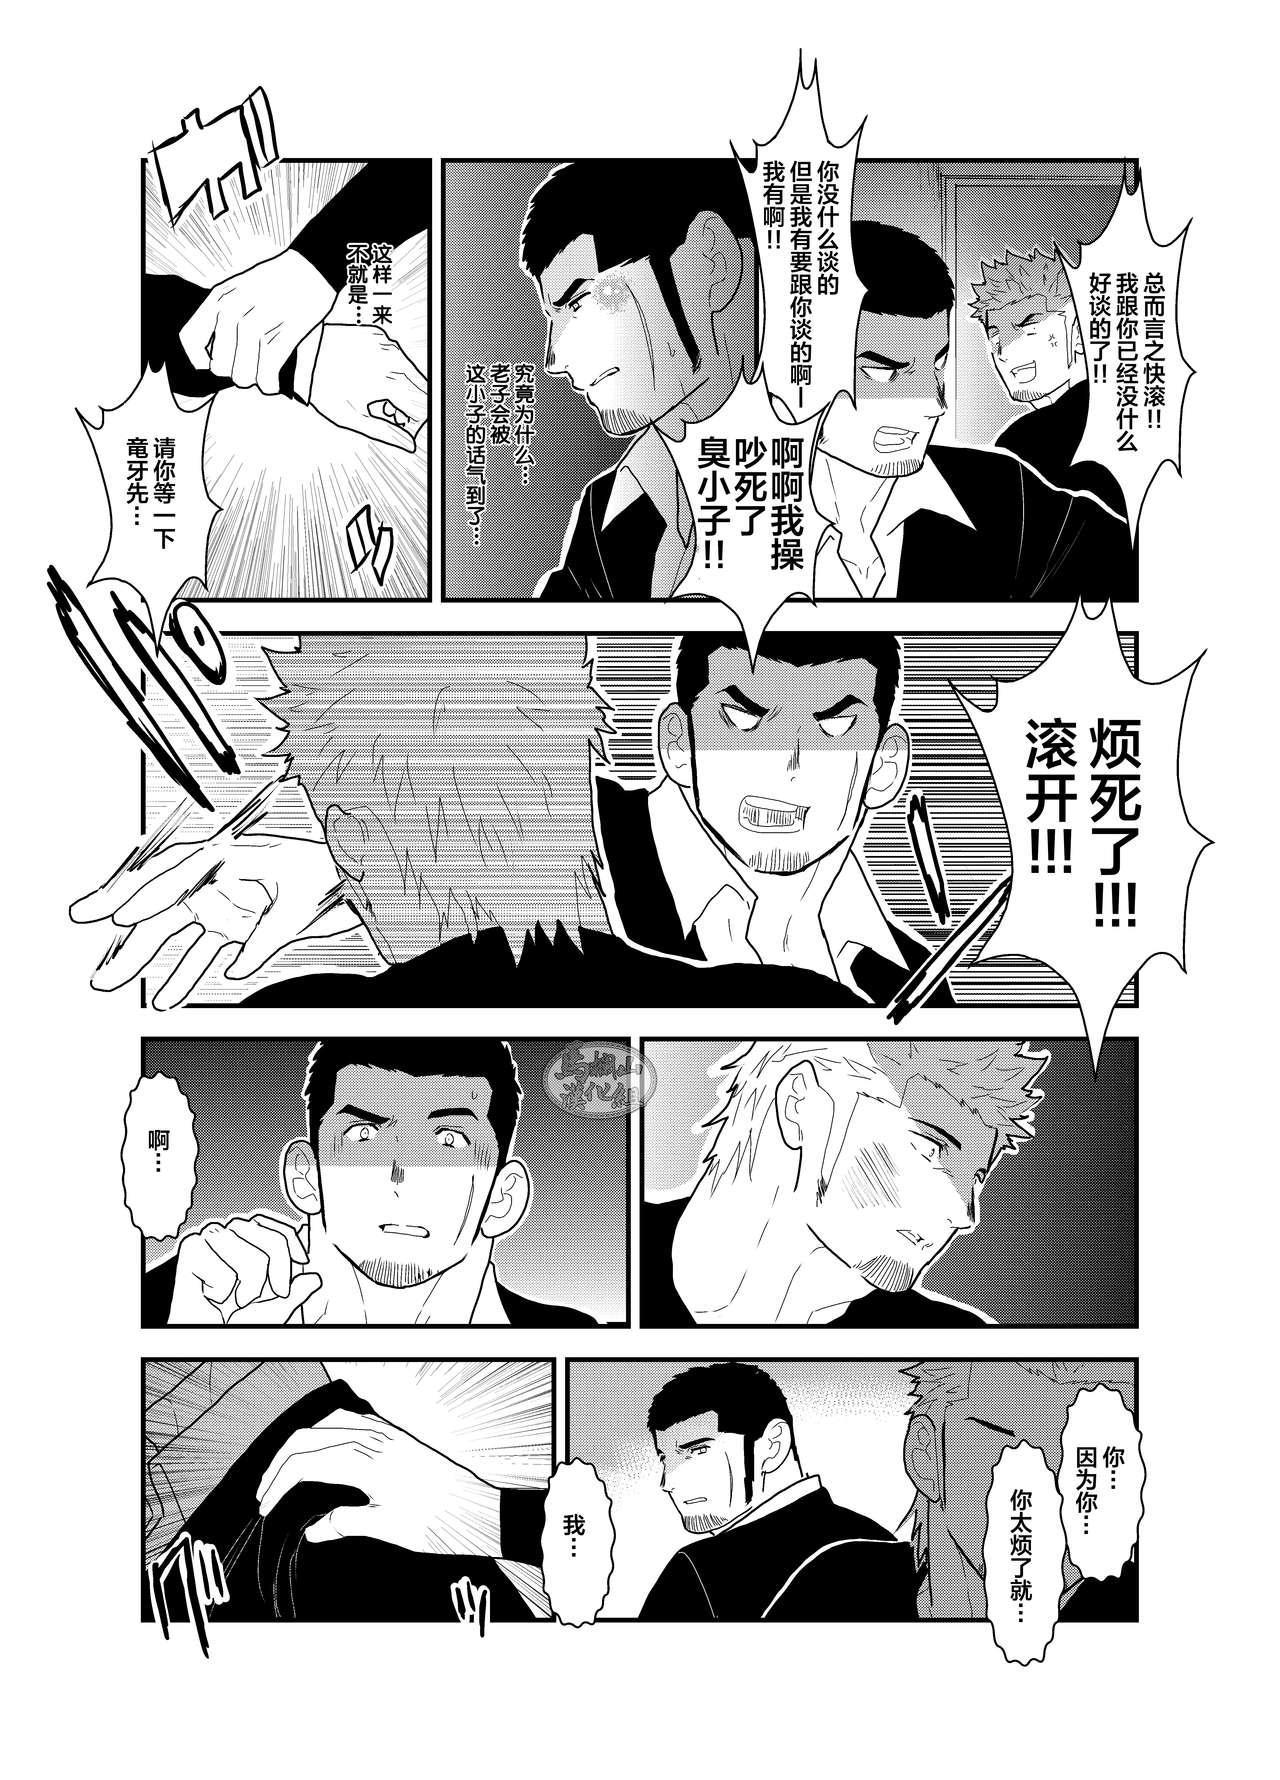 Moshimo Yakuza ni Koigokoro ga Mebae Hajimetara 15